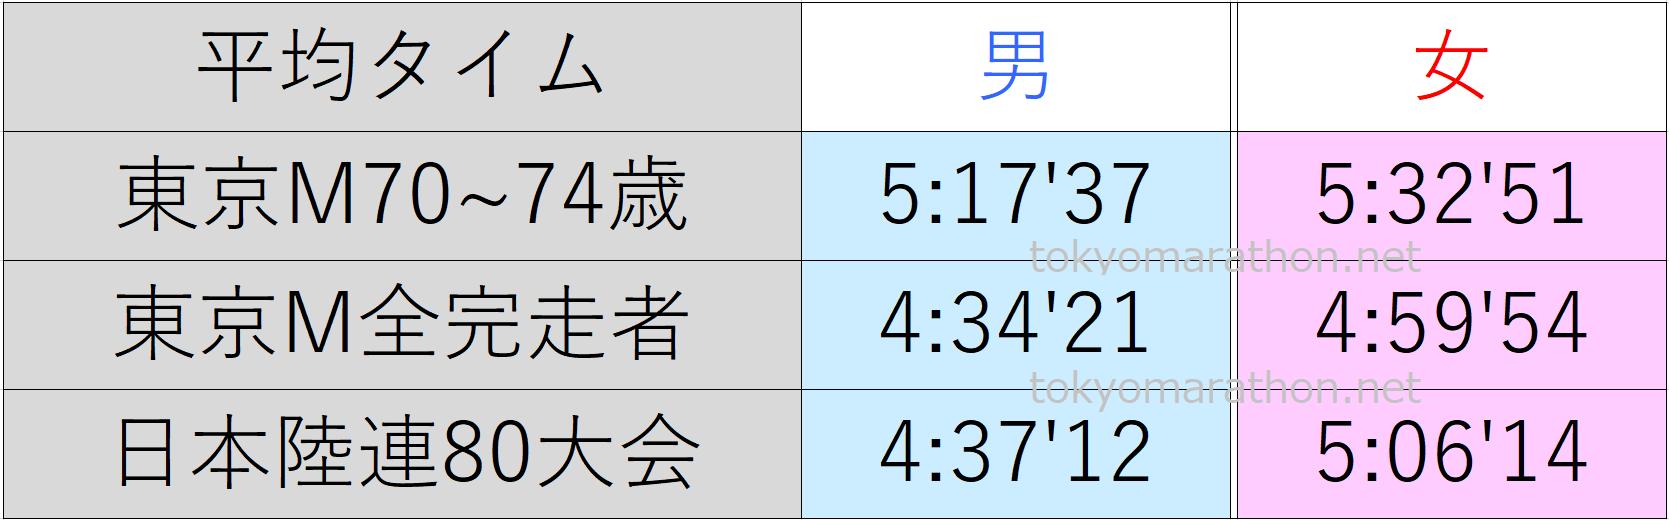 東京マラソン70~74歳の平均タイム、東京マラソン全ランナーの平均タイム、日本陸連公認の80大会の平均タイム一覧表。すべて男女別にまとめた画像です。